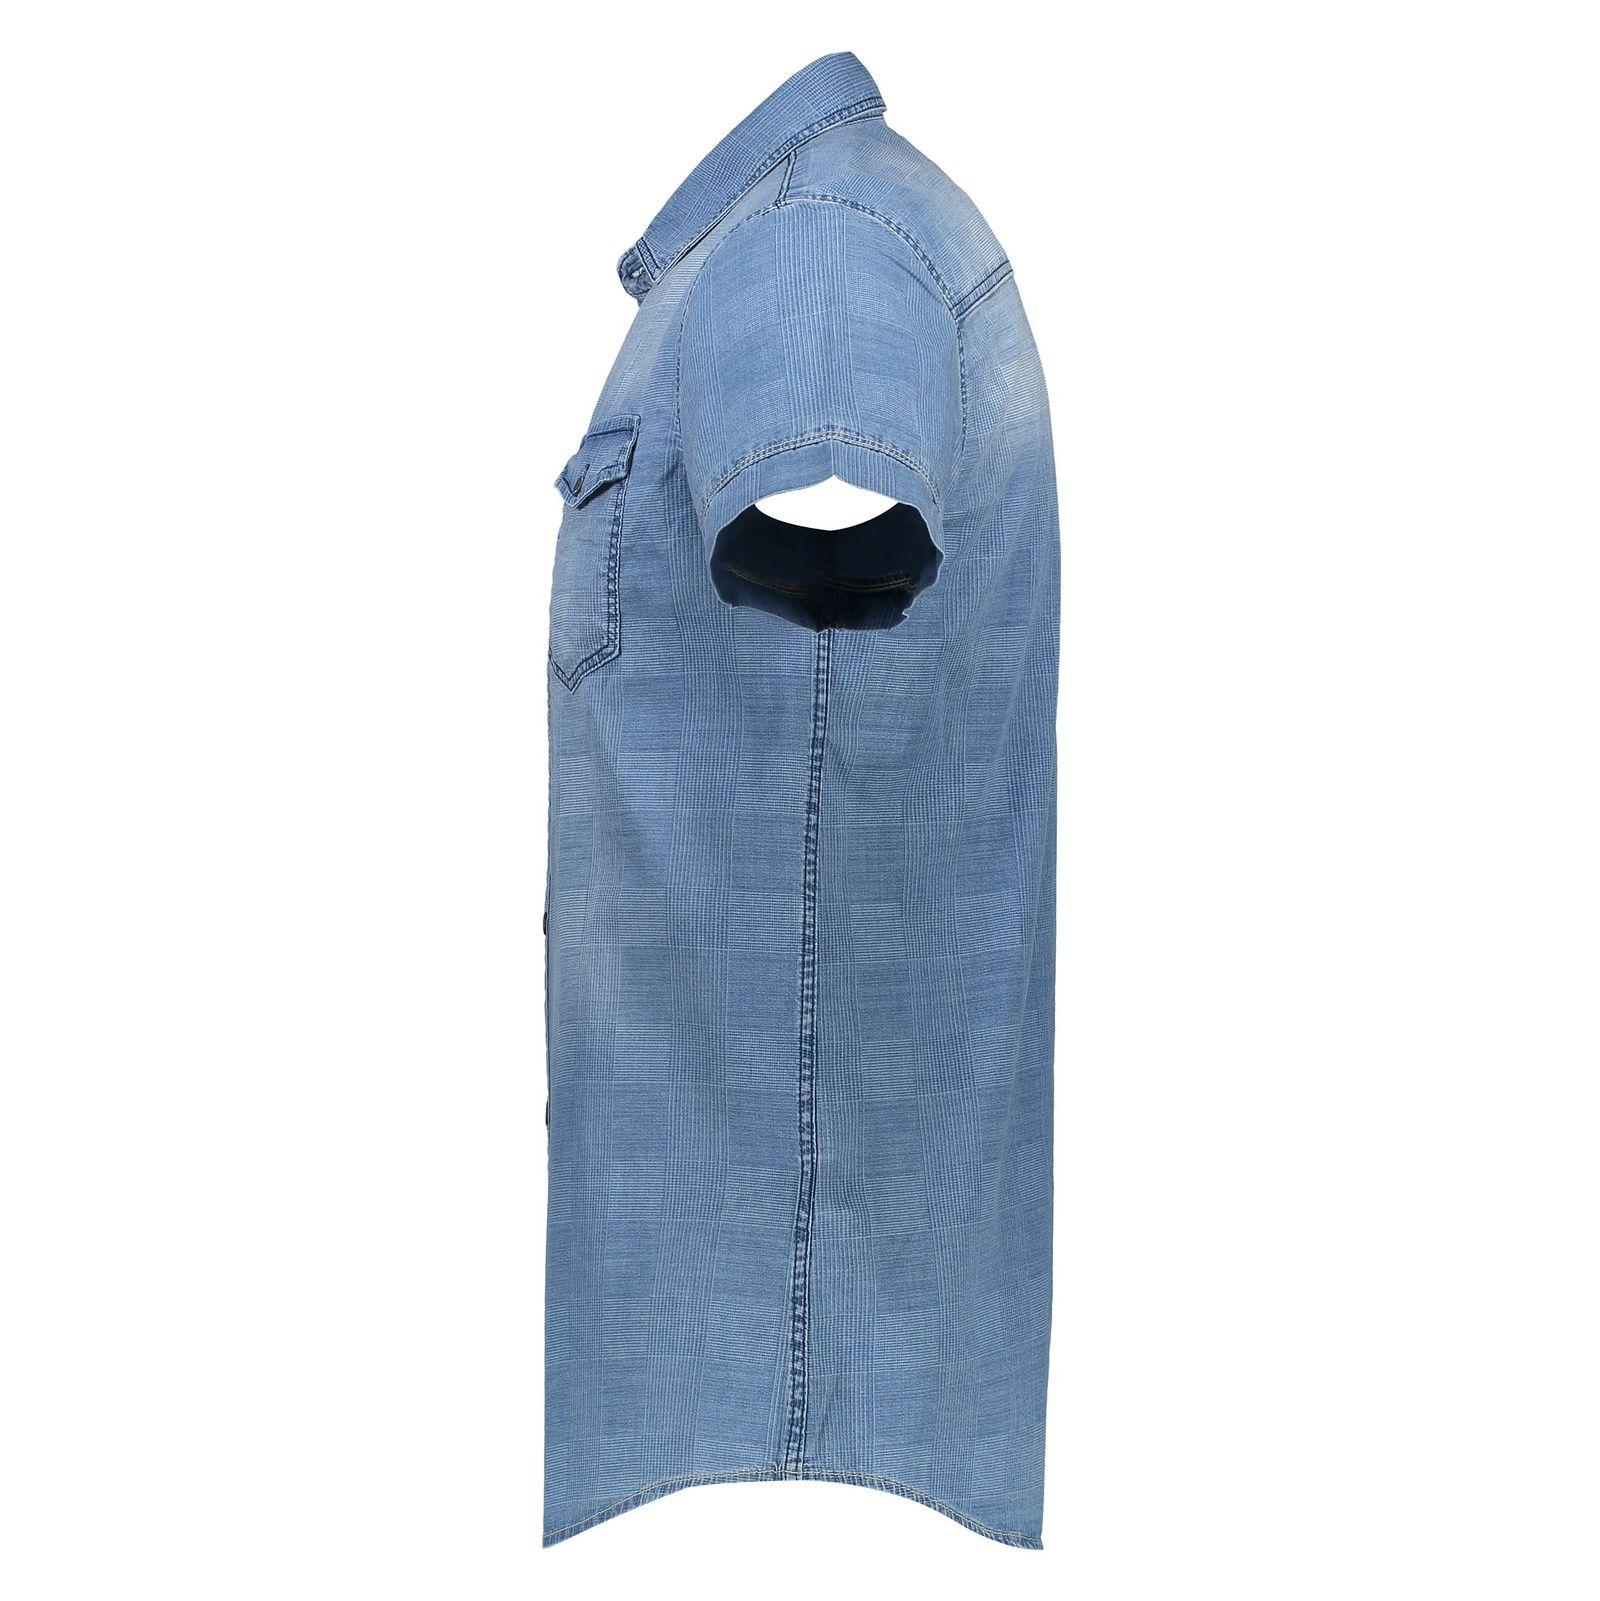 پیراهن جین آستین کوتاه مردانه - ال سی وایکیکی - آبي - 4